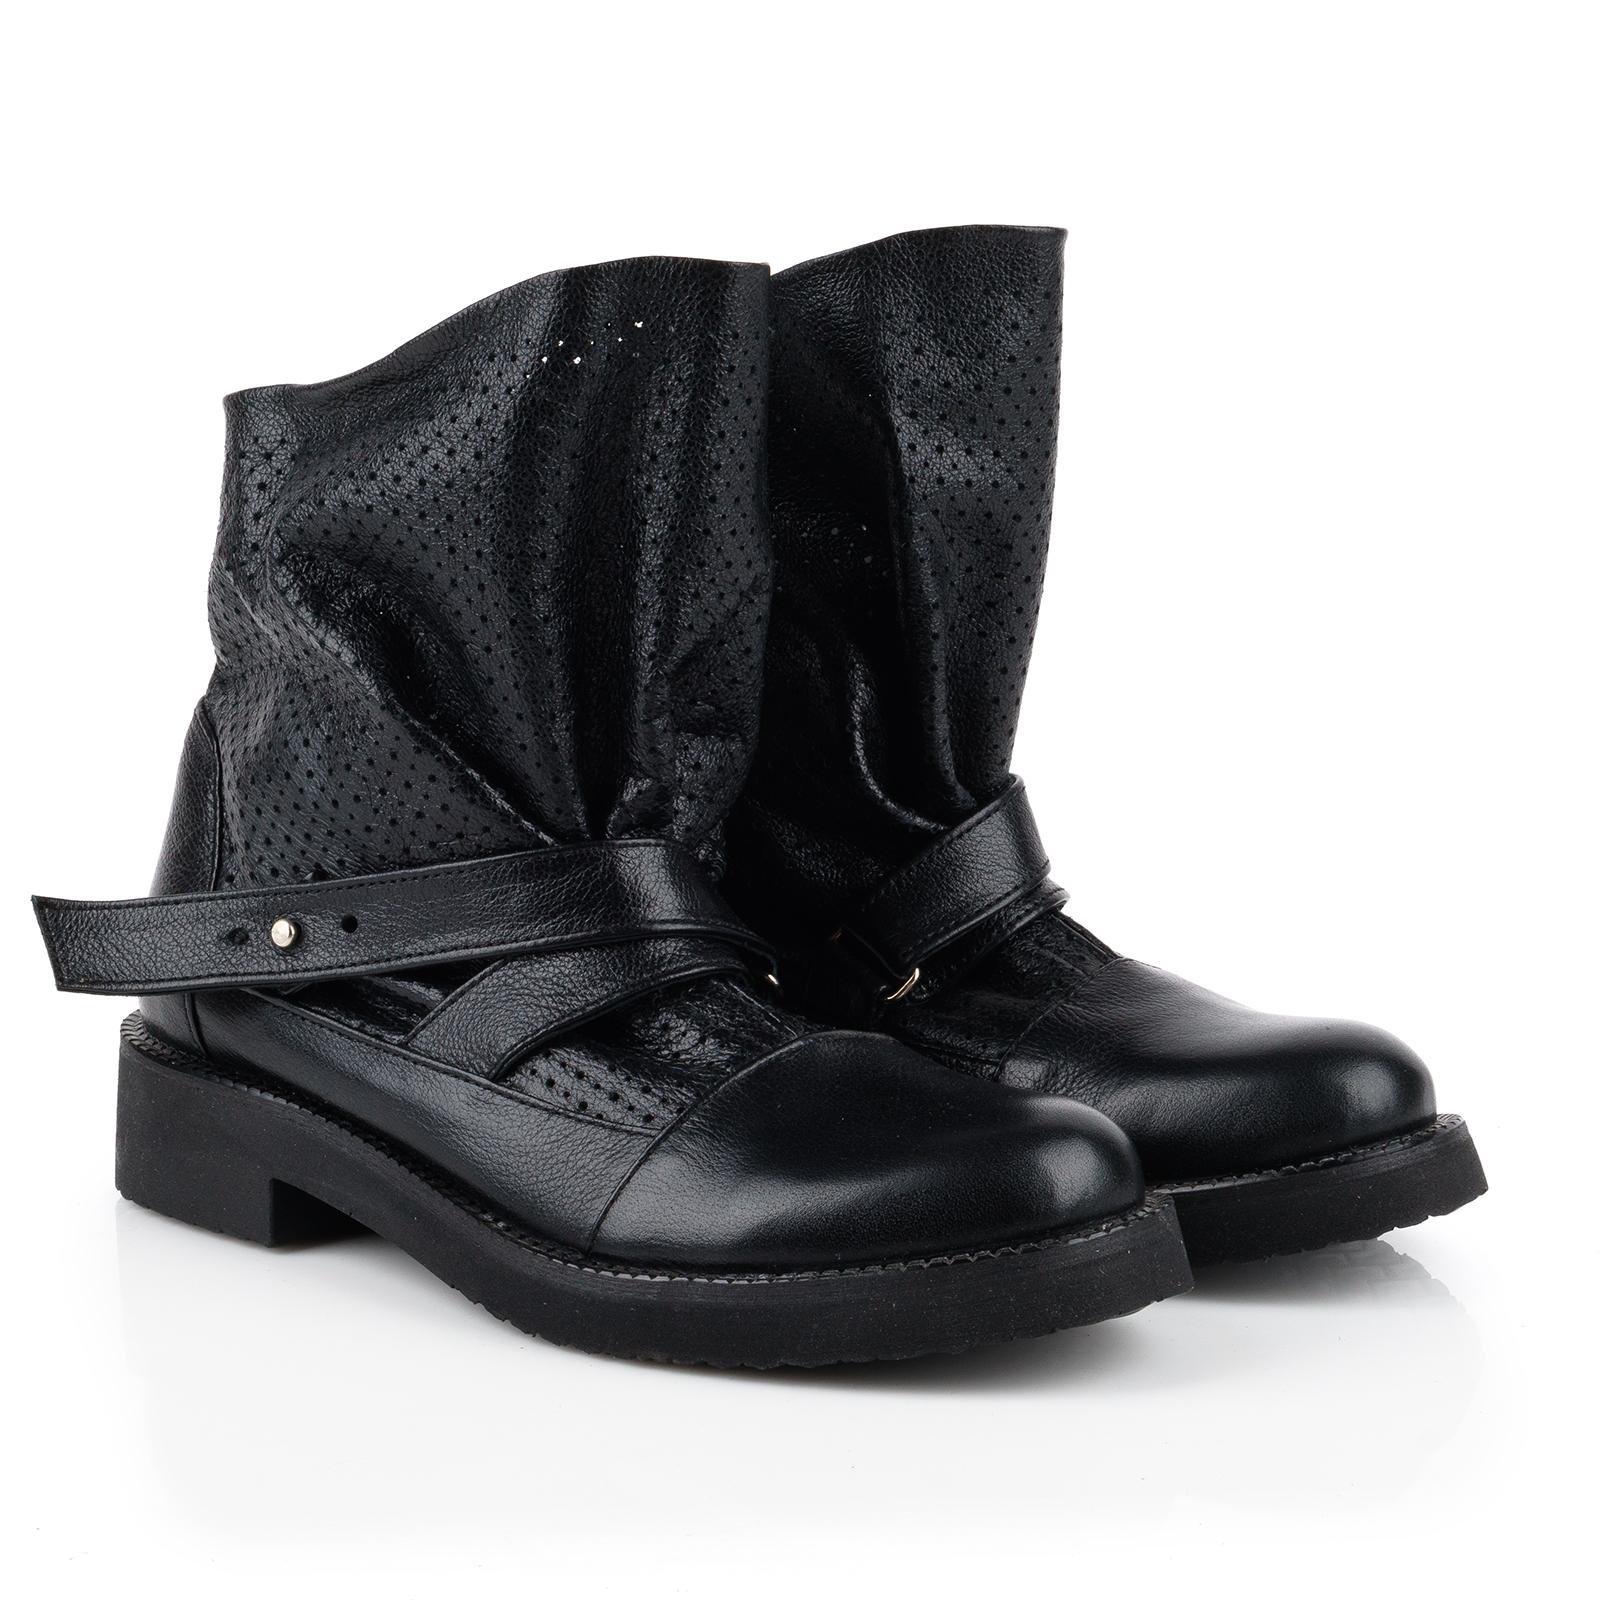 Ботинки женские Ботинки Вера кожаные черного цвета 100057 размерная сетка обуви, 2017